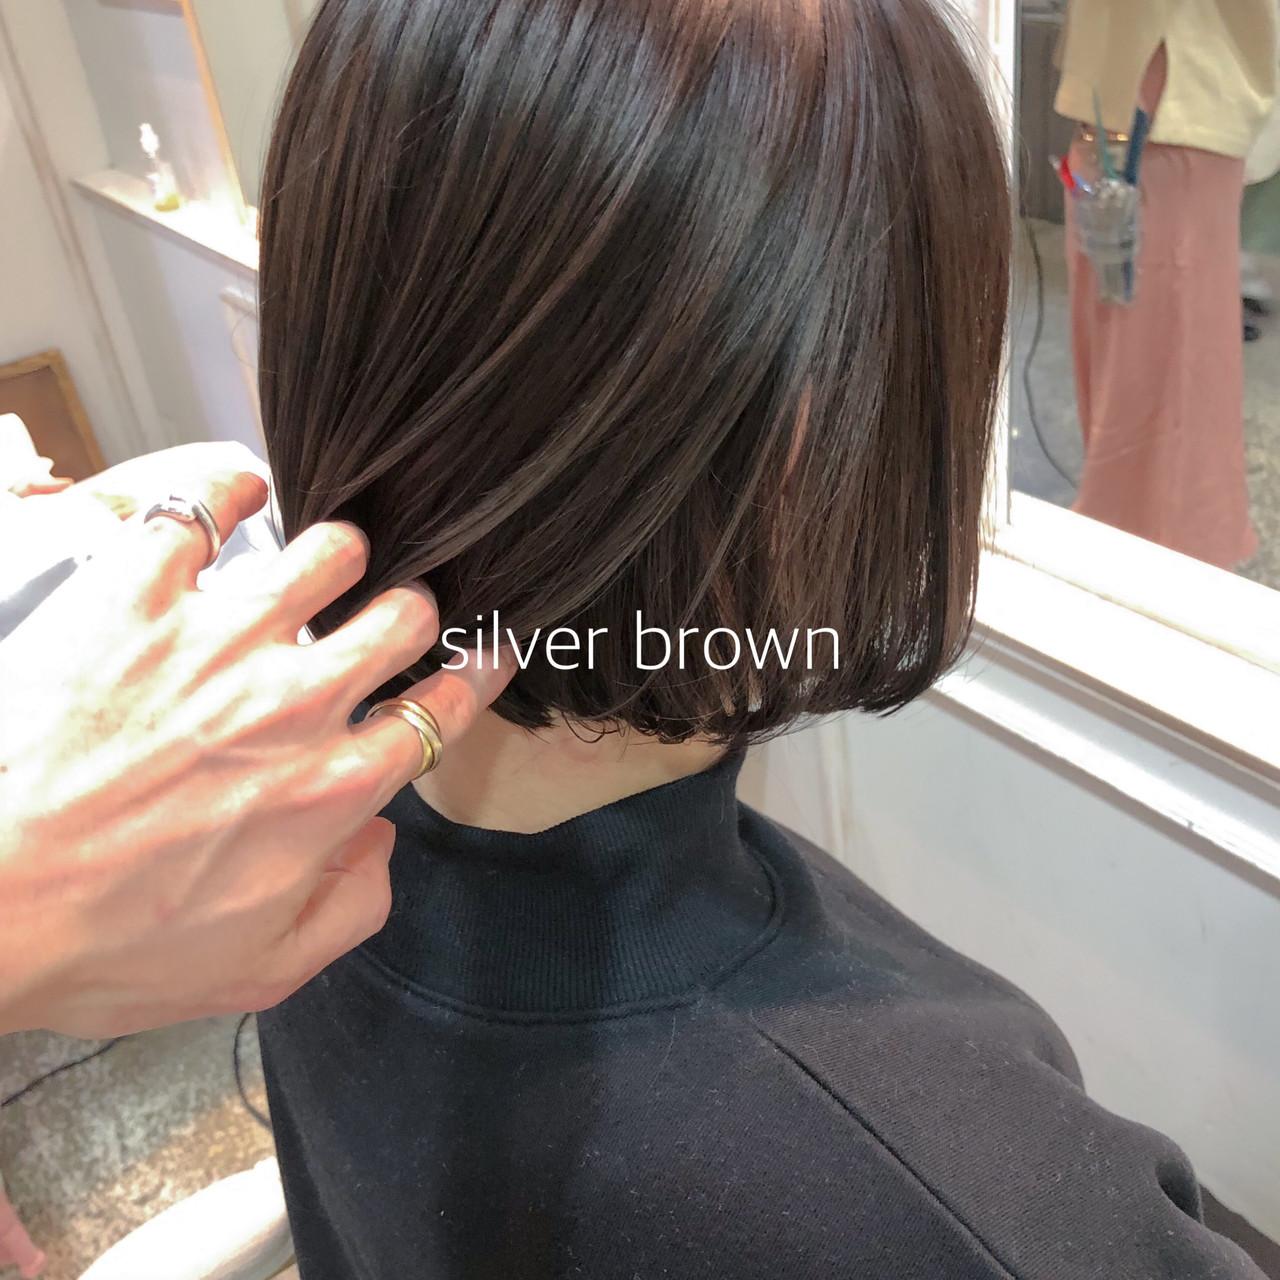 イルミナカラー ボブ 外国人風カラー ミニボブ ヘアスタイルや髪型の写真・画像 | ikeo gaku / H-eitf